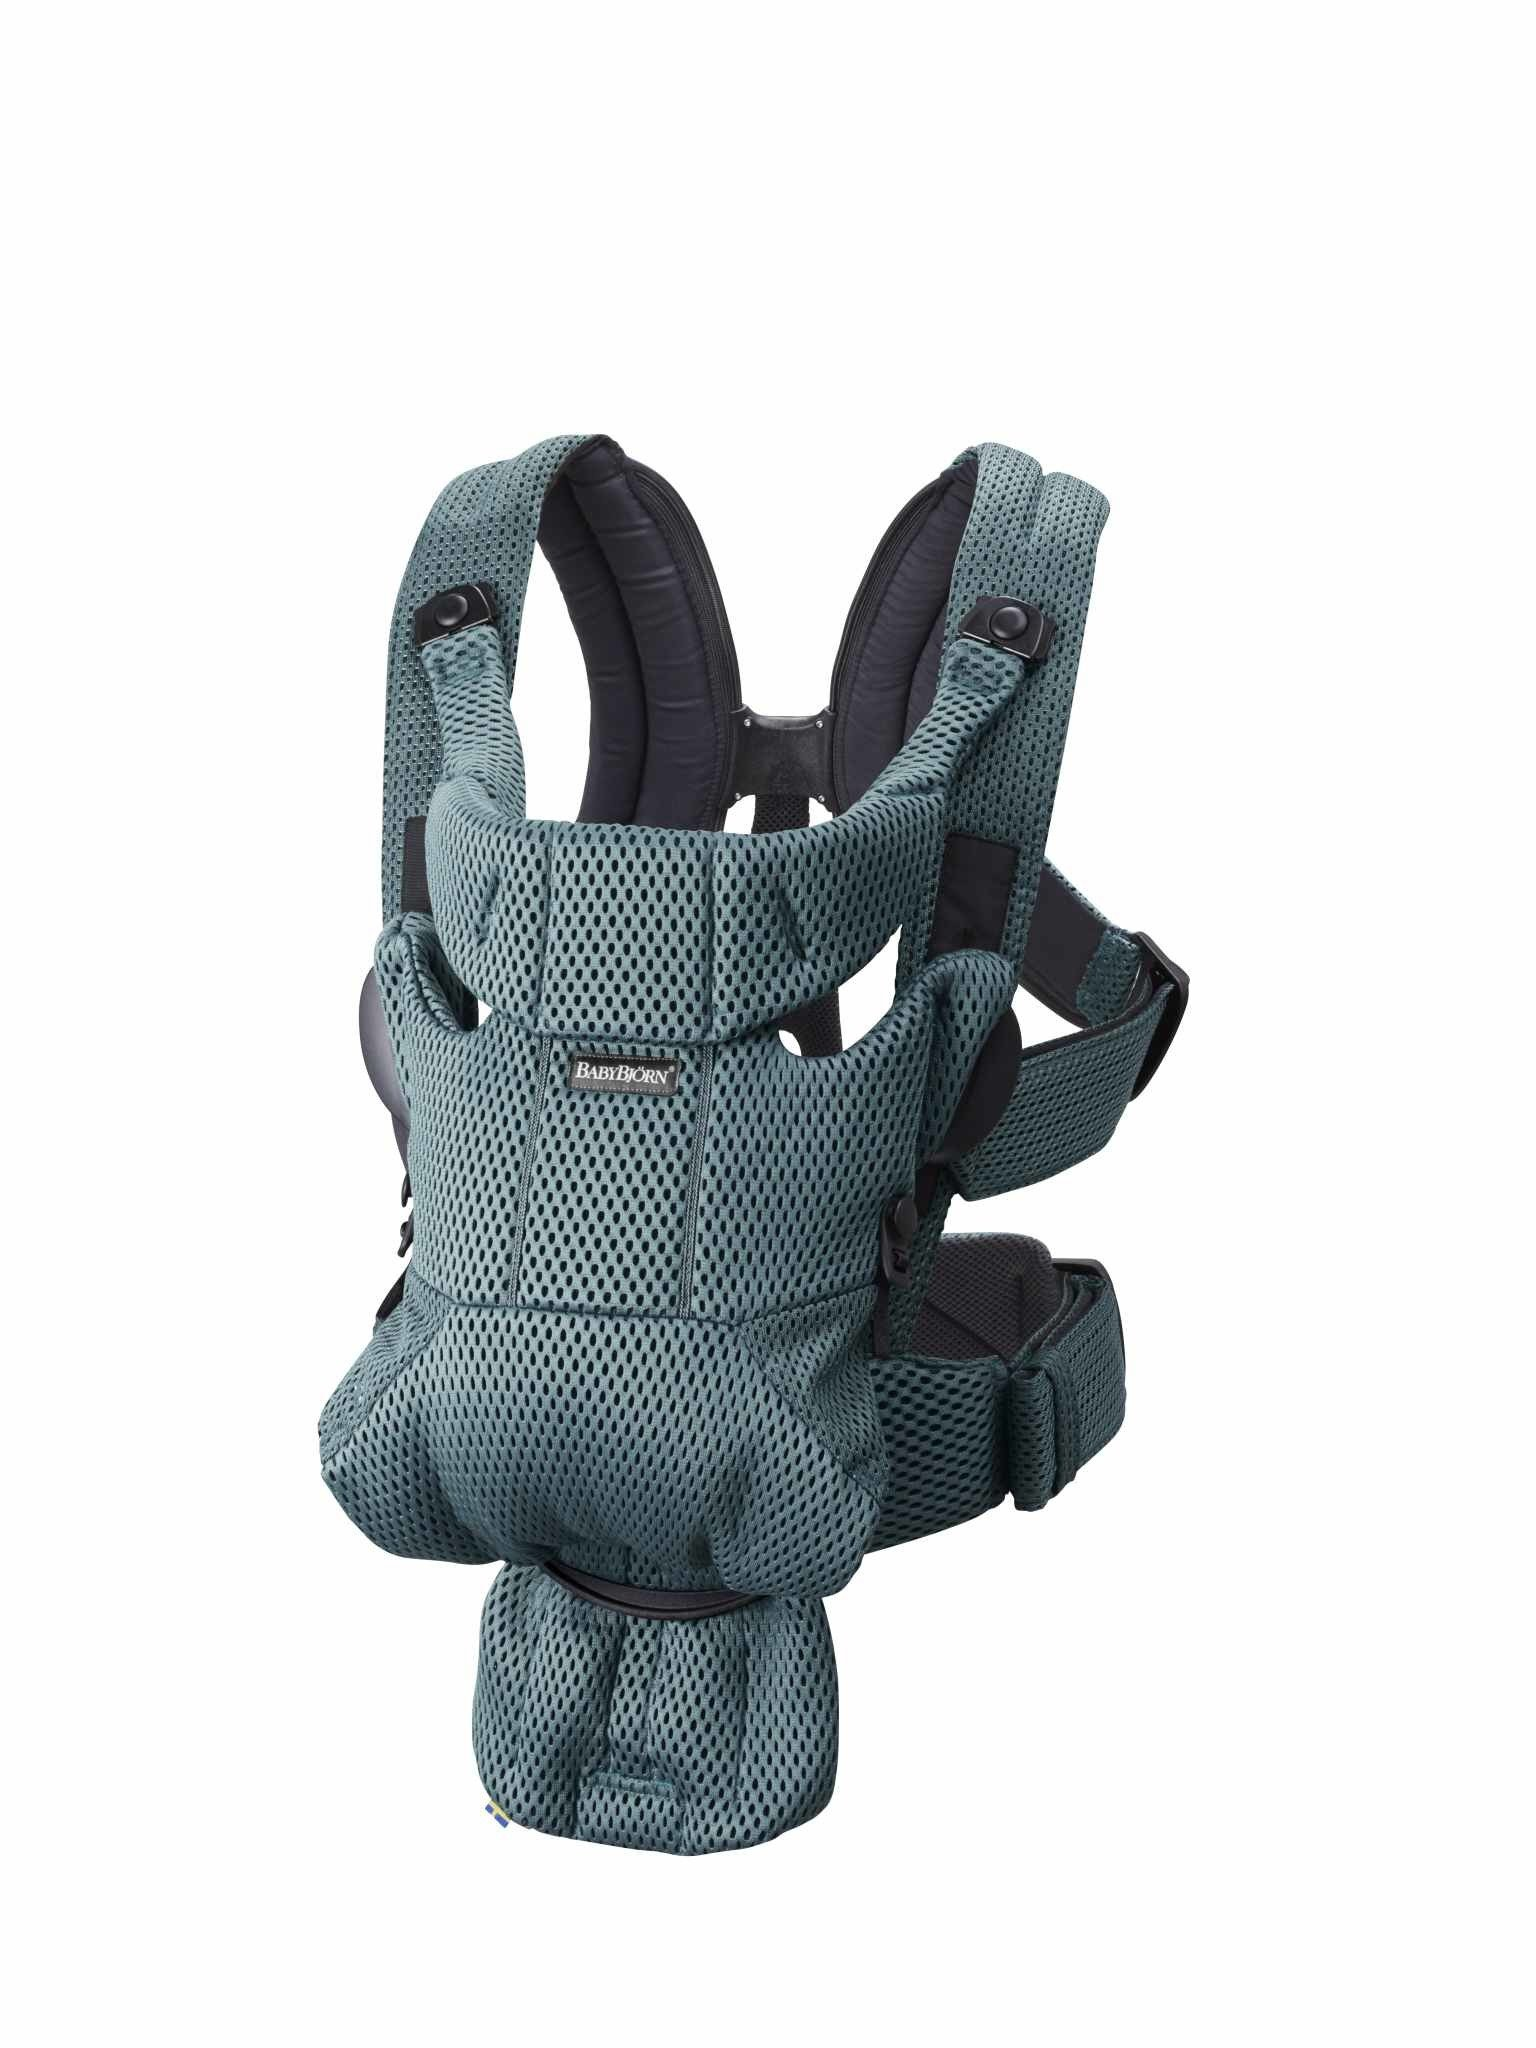 BABYBJORN MOVE 3D Mesh - nosidełko, Zielony